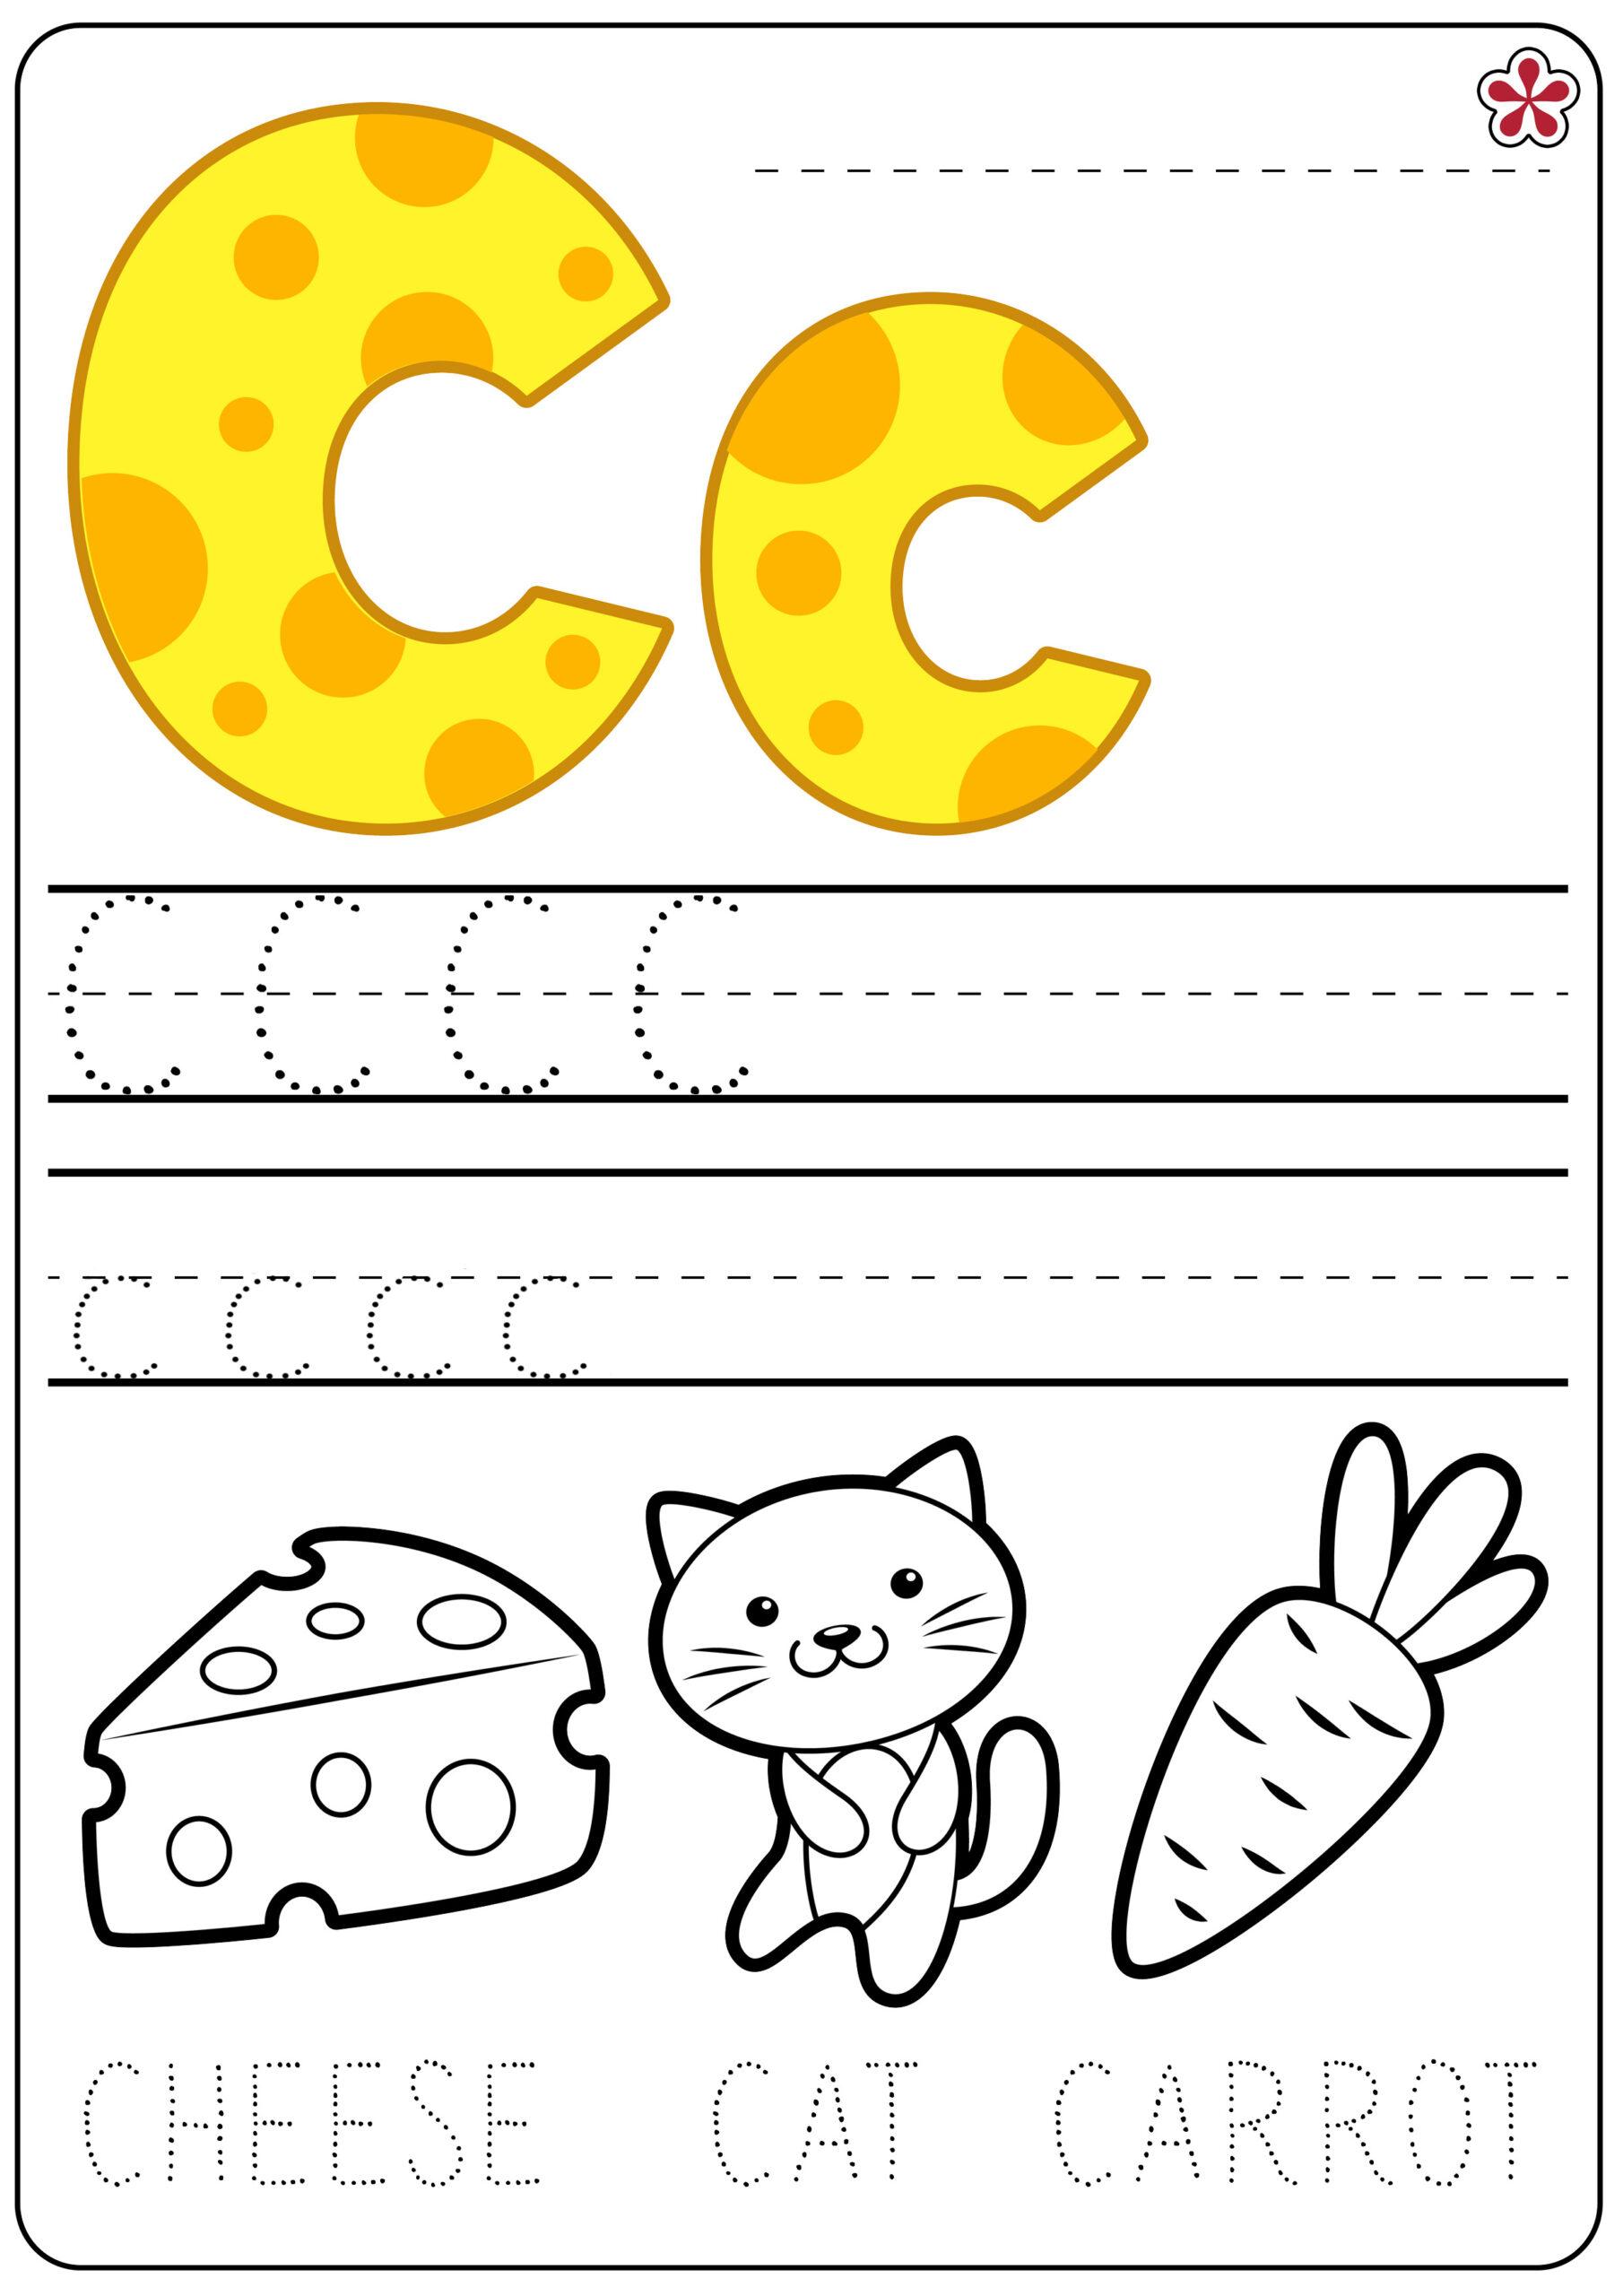 Letter C Worksheets. Teachersmag